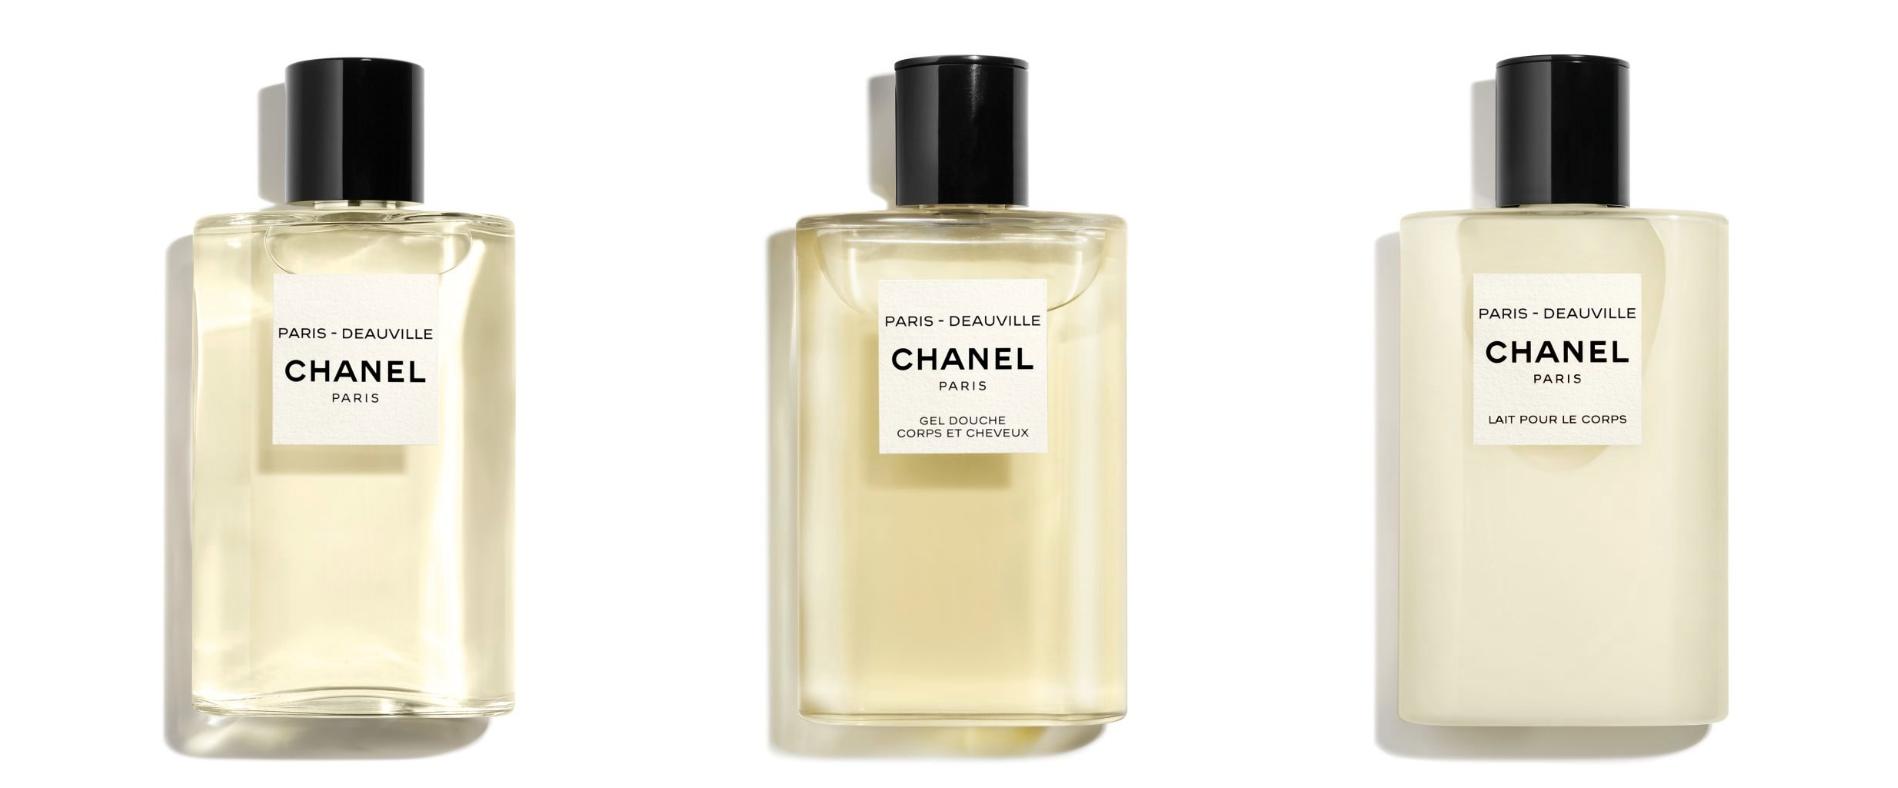 Les Eaux de Chanel Paris Deauville Esprit de Gabrielle espritdegabrielle.com